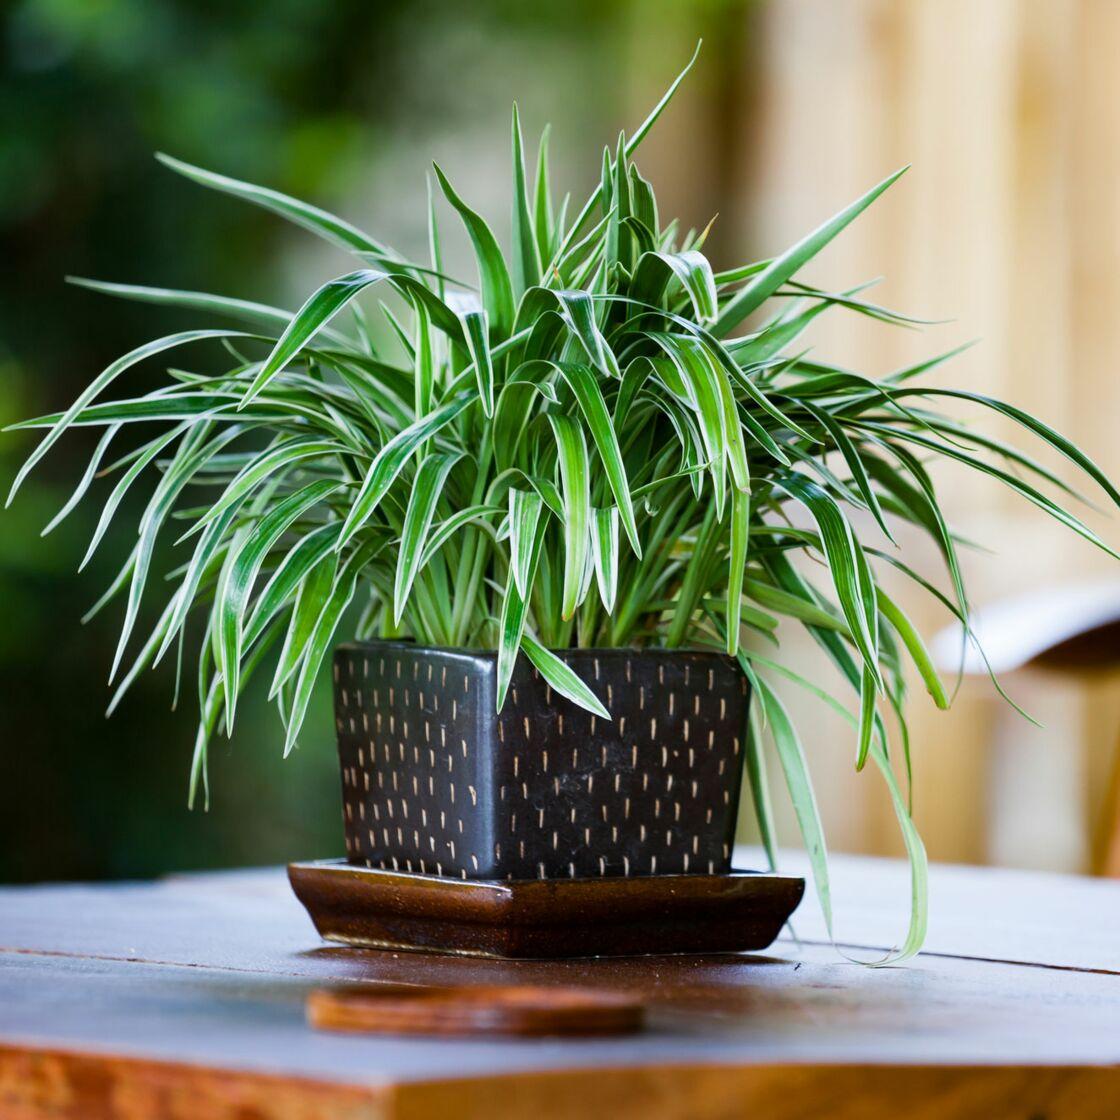 Les Filles De L Air Plante quelles plantes choisir pour ma salle de bain ? : femme